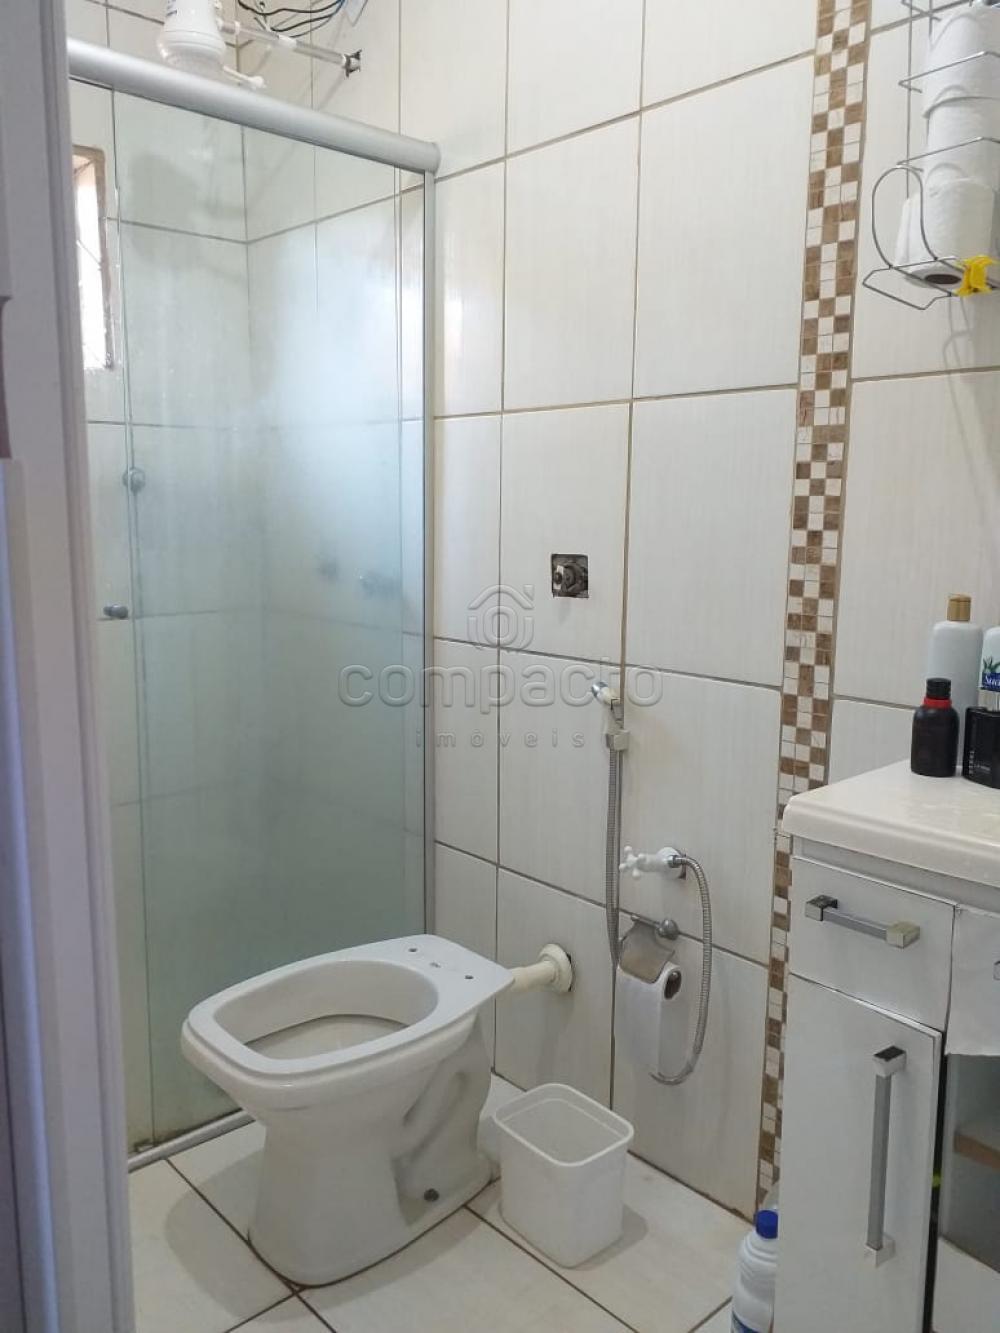 Comprar Casa / Padrão em São José do Rio Preto apenas R$ 185.000,00 - Foto 13